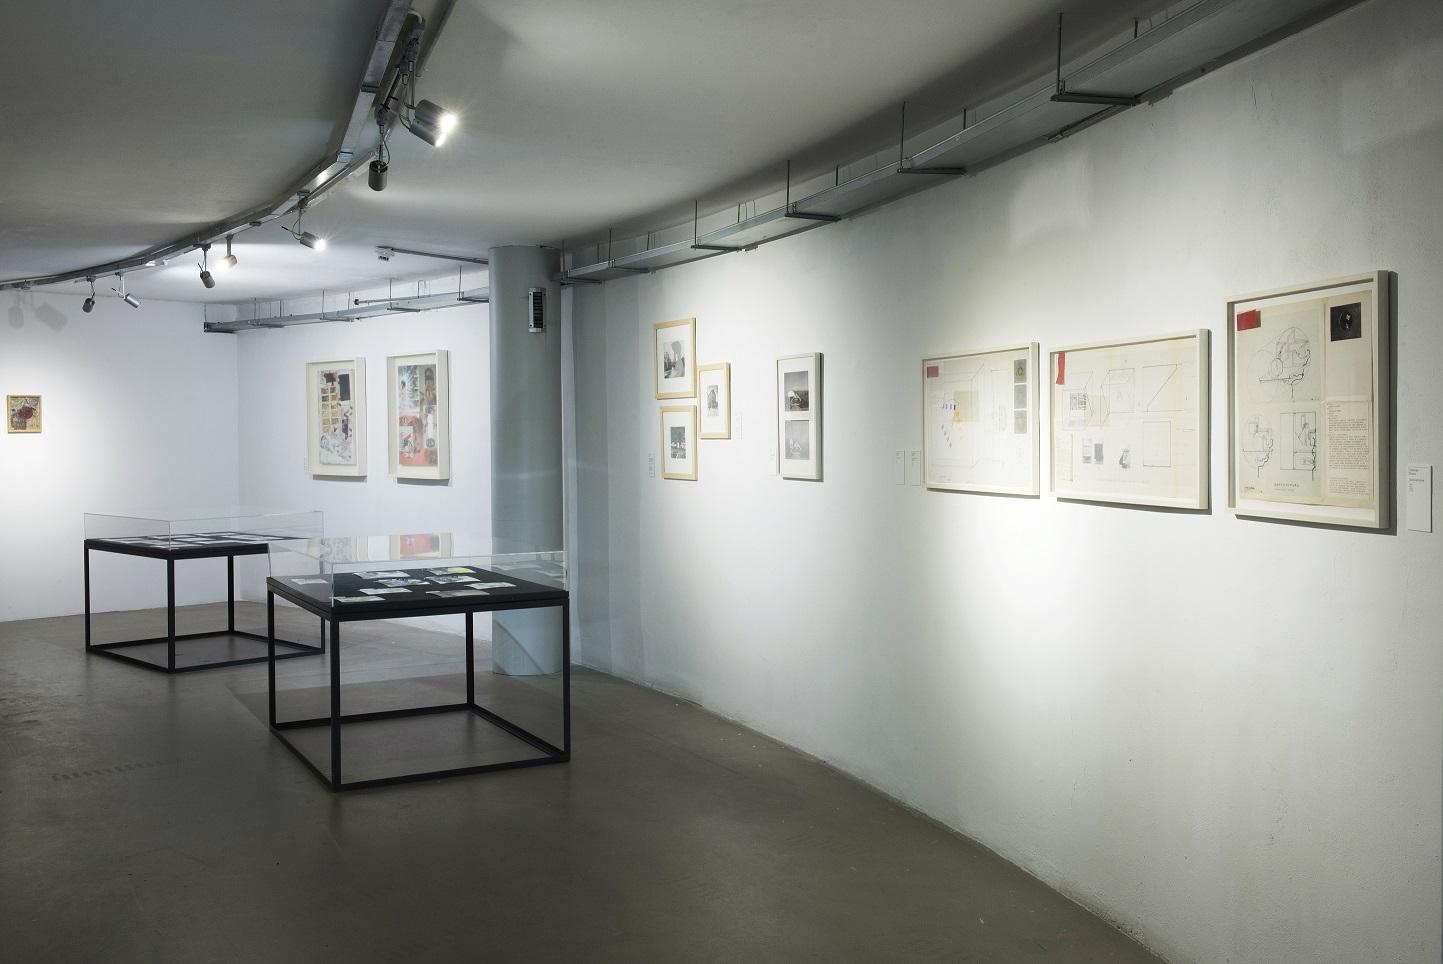 Widok wystawy Nowa sztuka dla nowego społeczeństwa. Fot.Małgorzata Kujda, © Muzeum Współczesne Wrocław, 2015